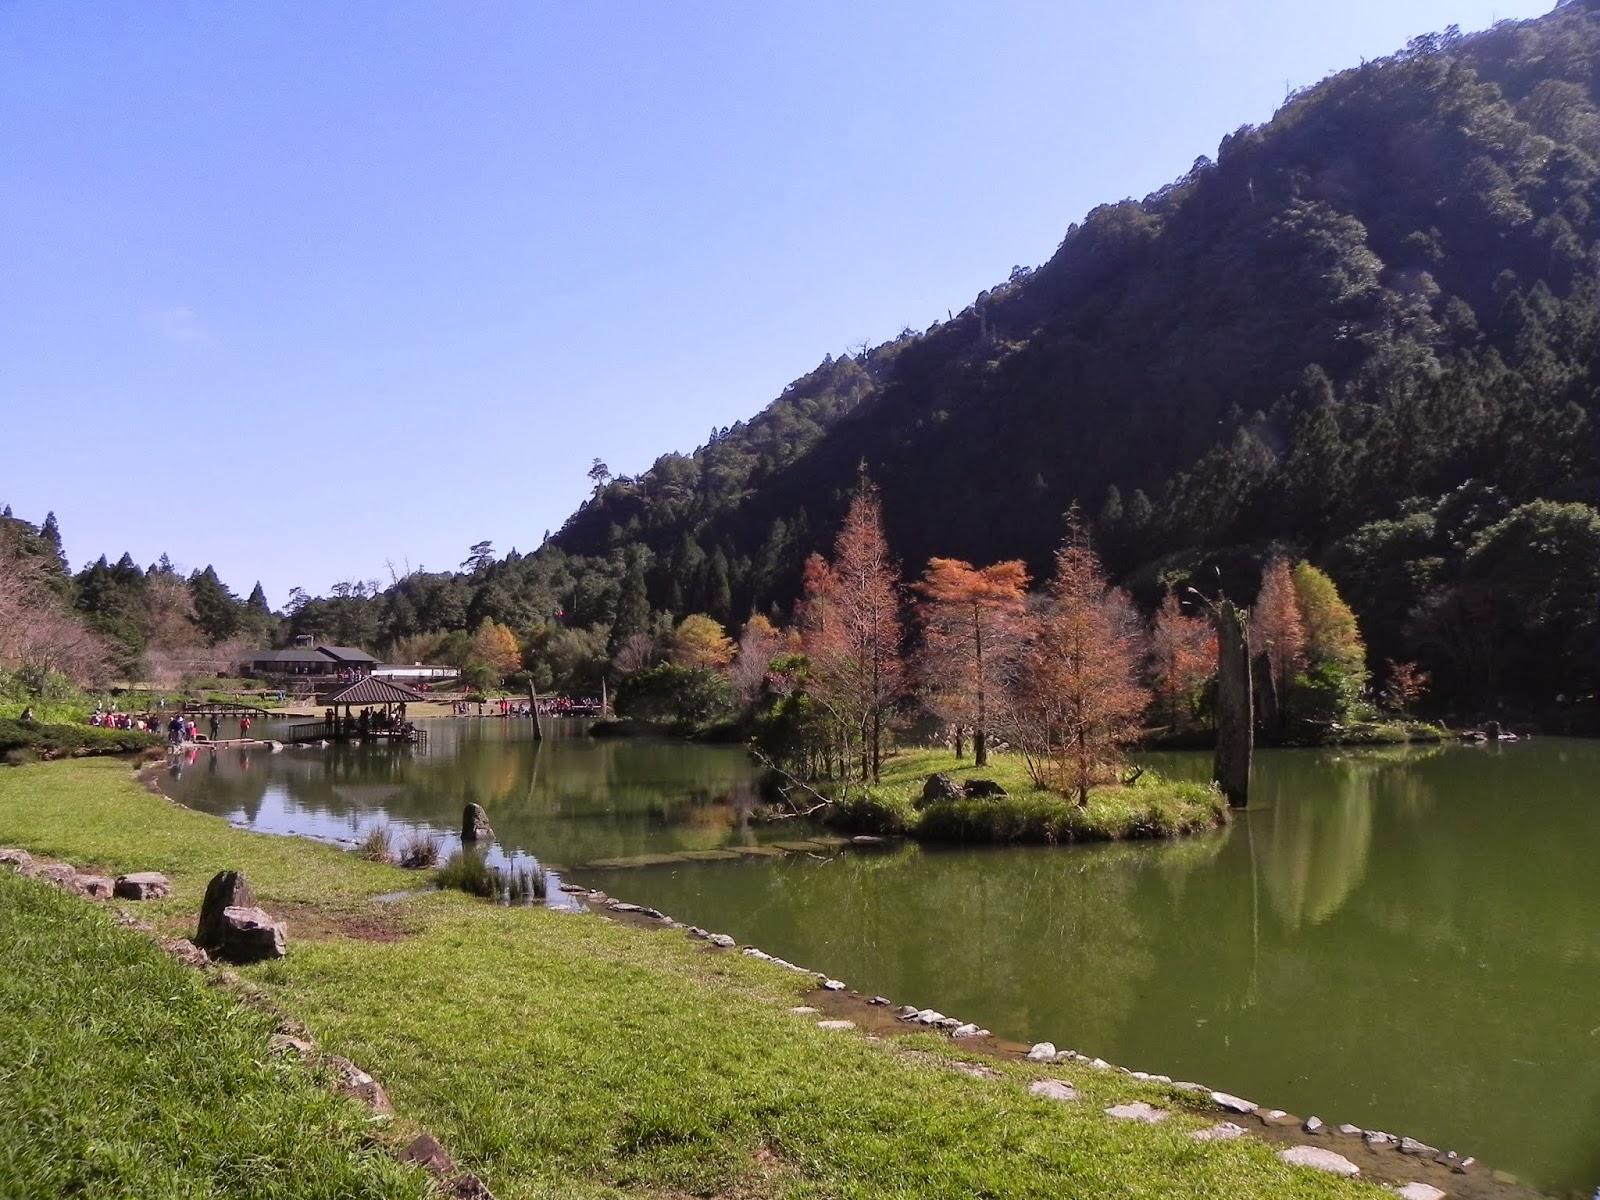 旅行的記憶: 2013年賞楓初體驗:明池湖與棲蘭神木園,絕美